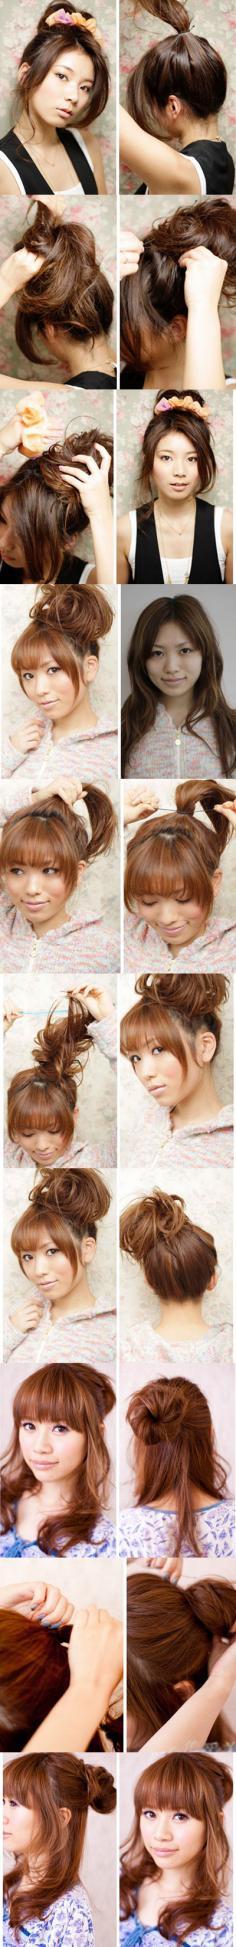 5分钟打造3款可爱丸子头发型 夏季清凉必备